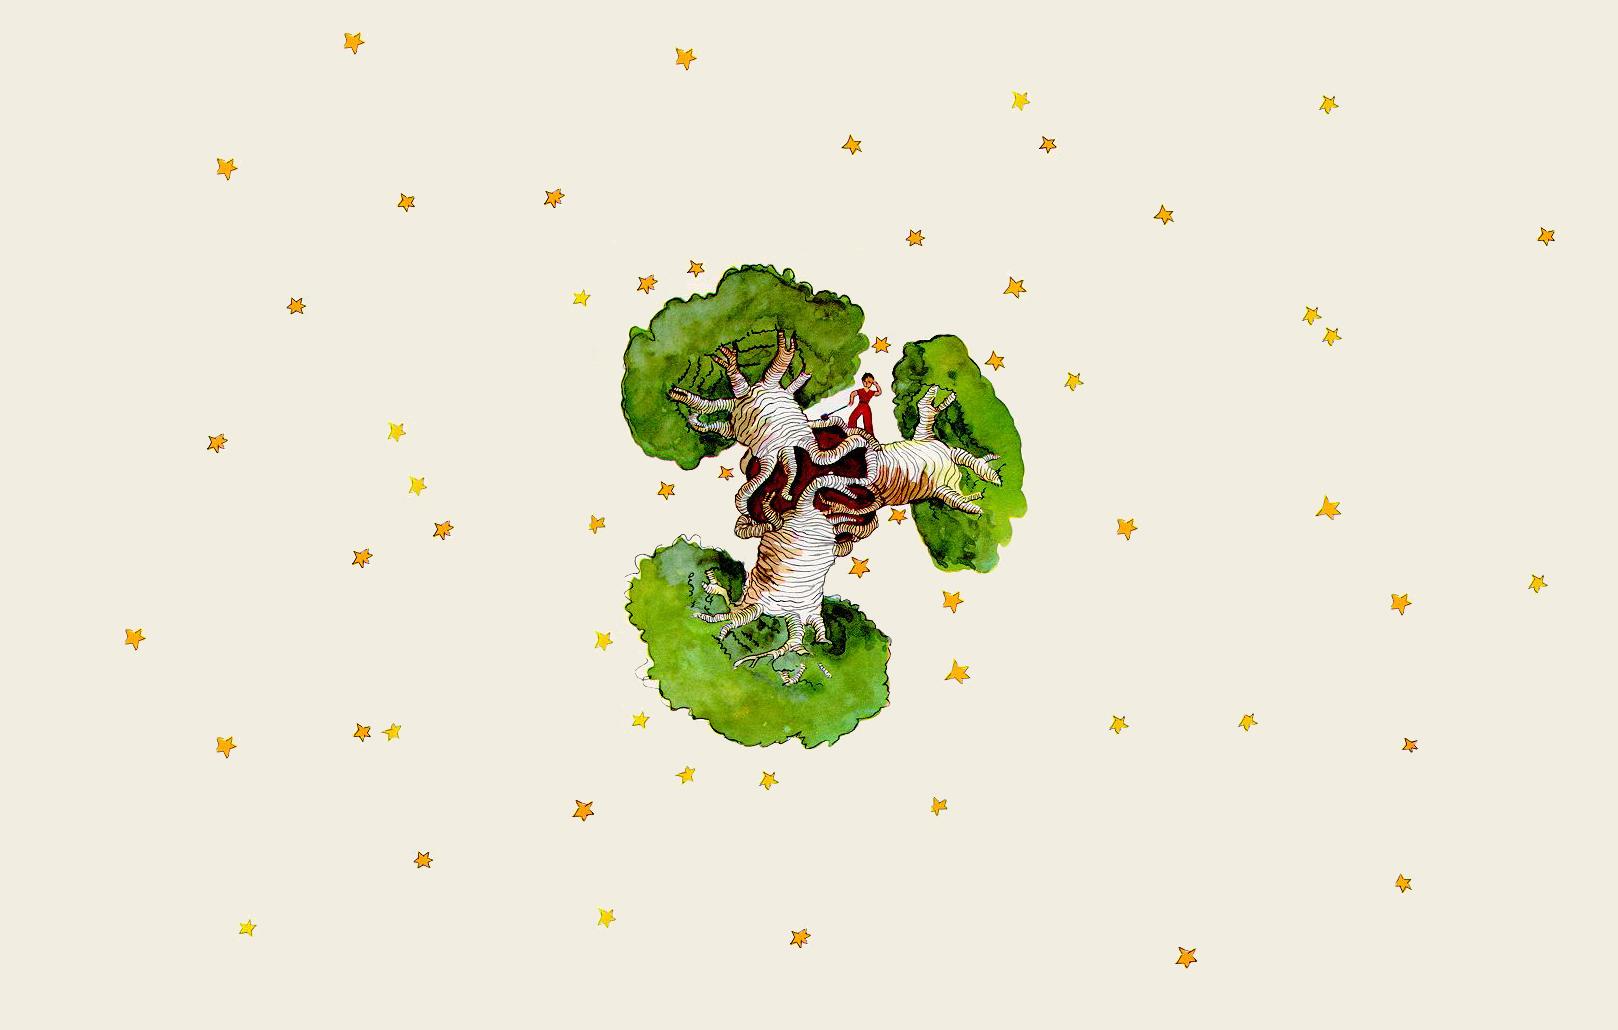 小王子 小王子电脑桌面壁纸,猴面包树的危害